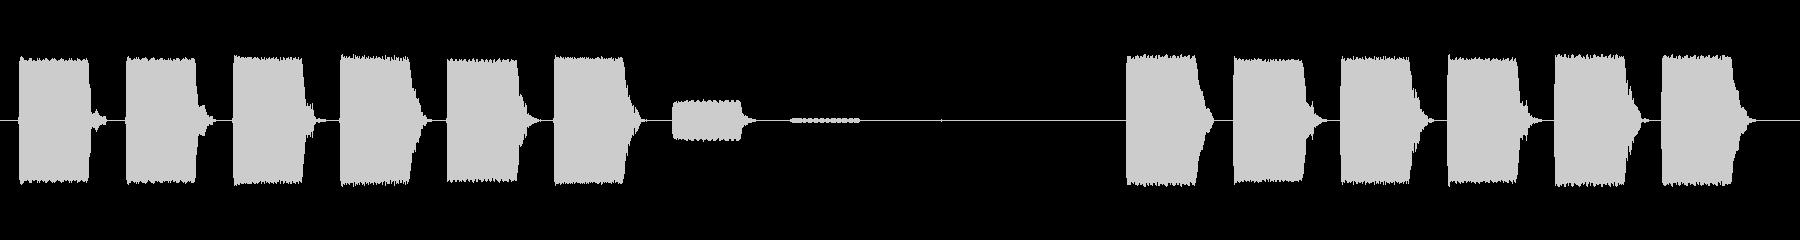 ビープパルスの未再生の波形